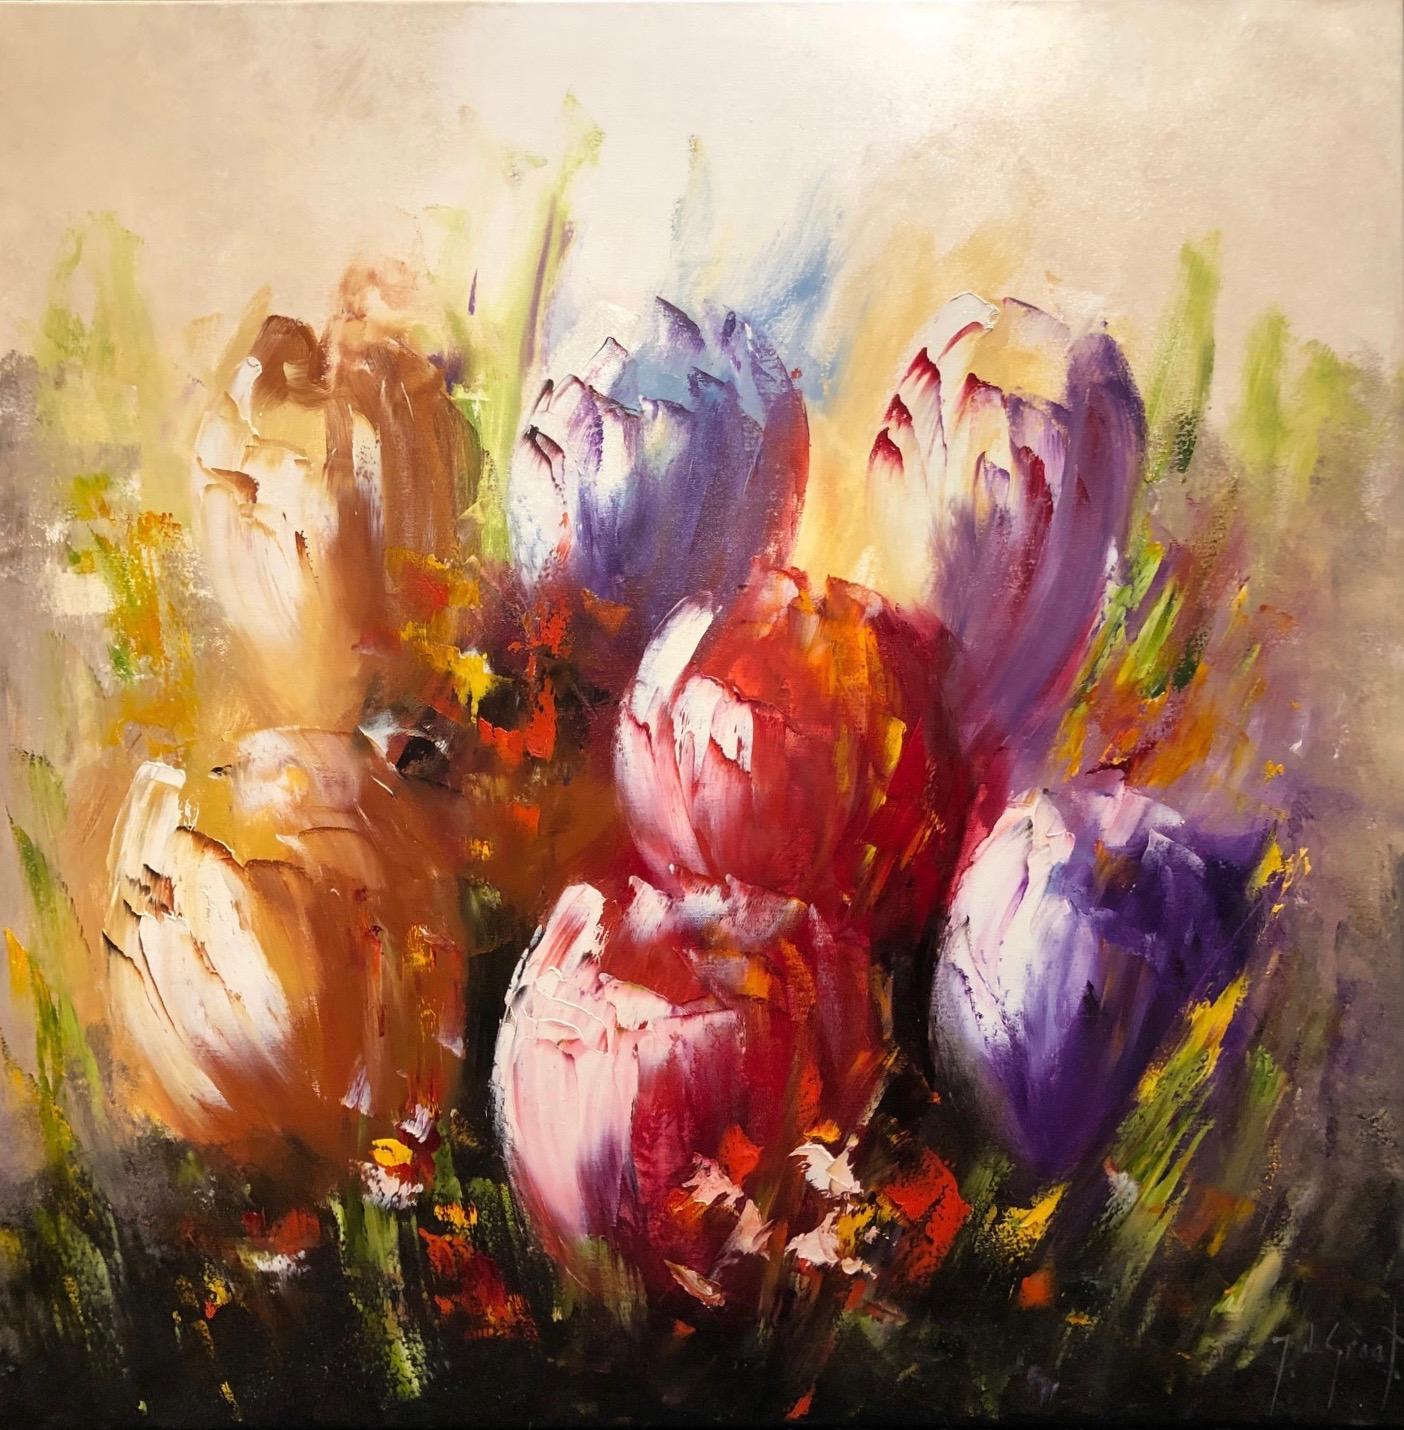 Jochem de Graaf schilderij 'Tulips'